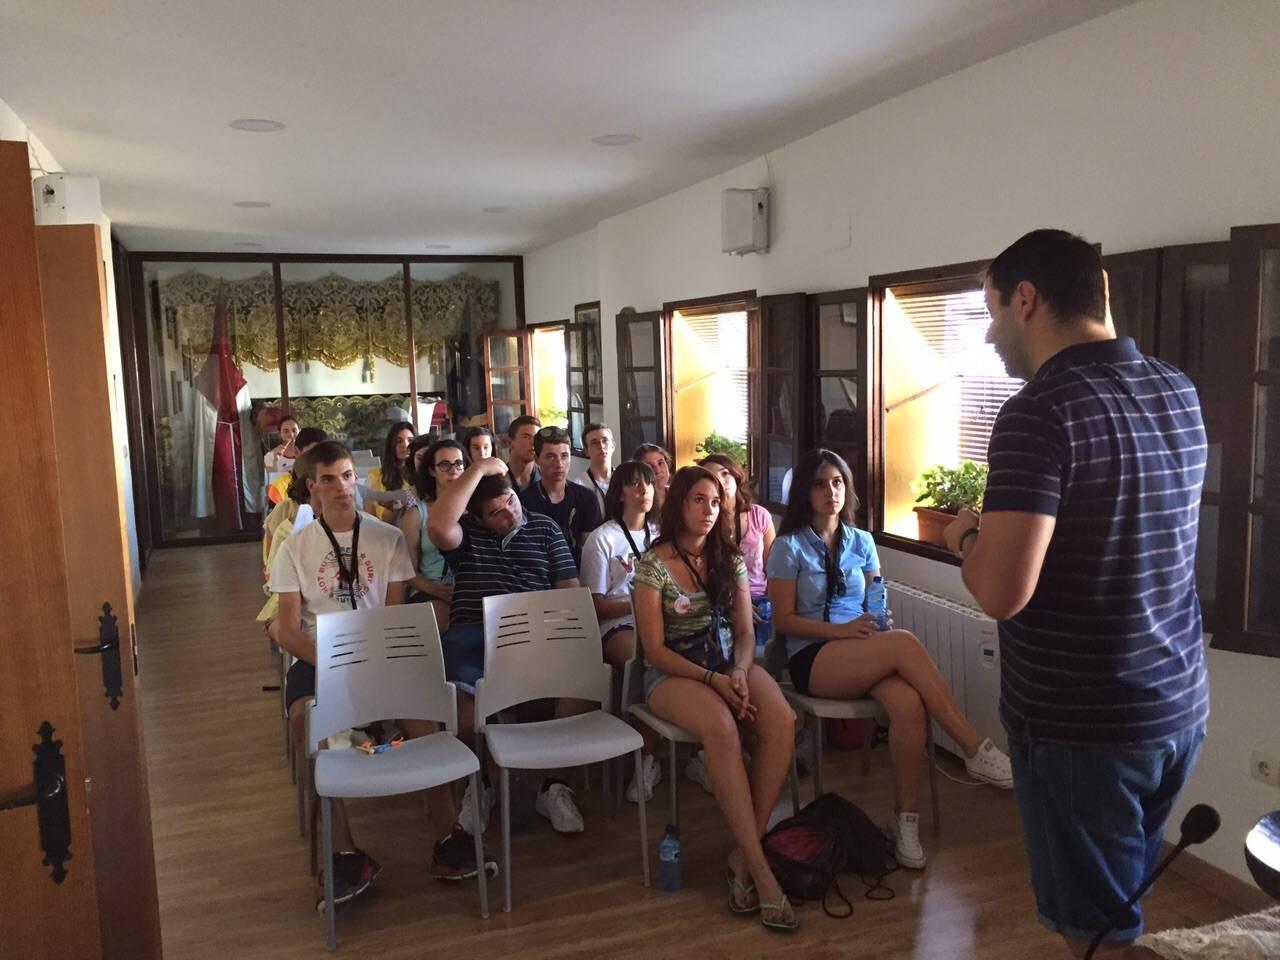 peregrinacion joves a avila - Inicio de peregrinación diocesana de jóvenes a Ávila